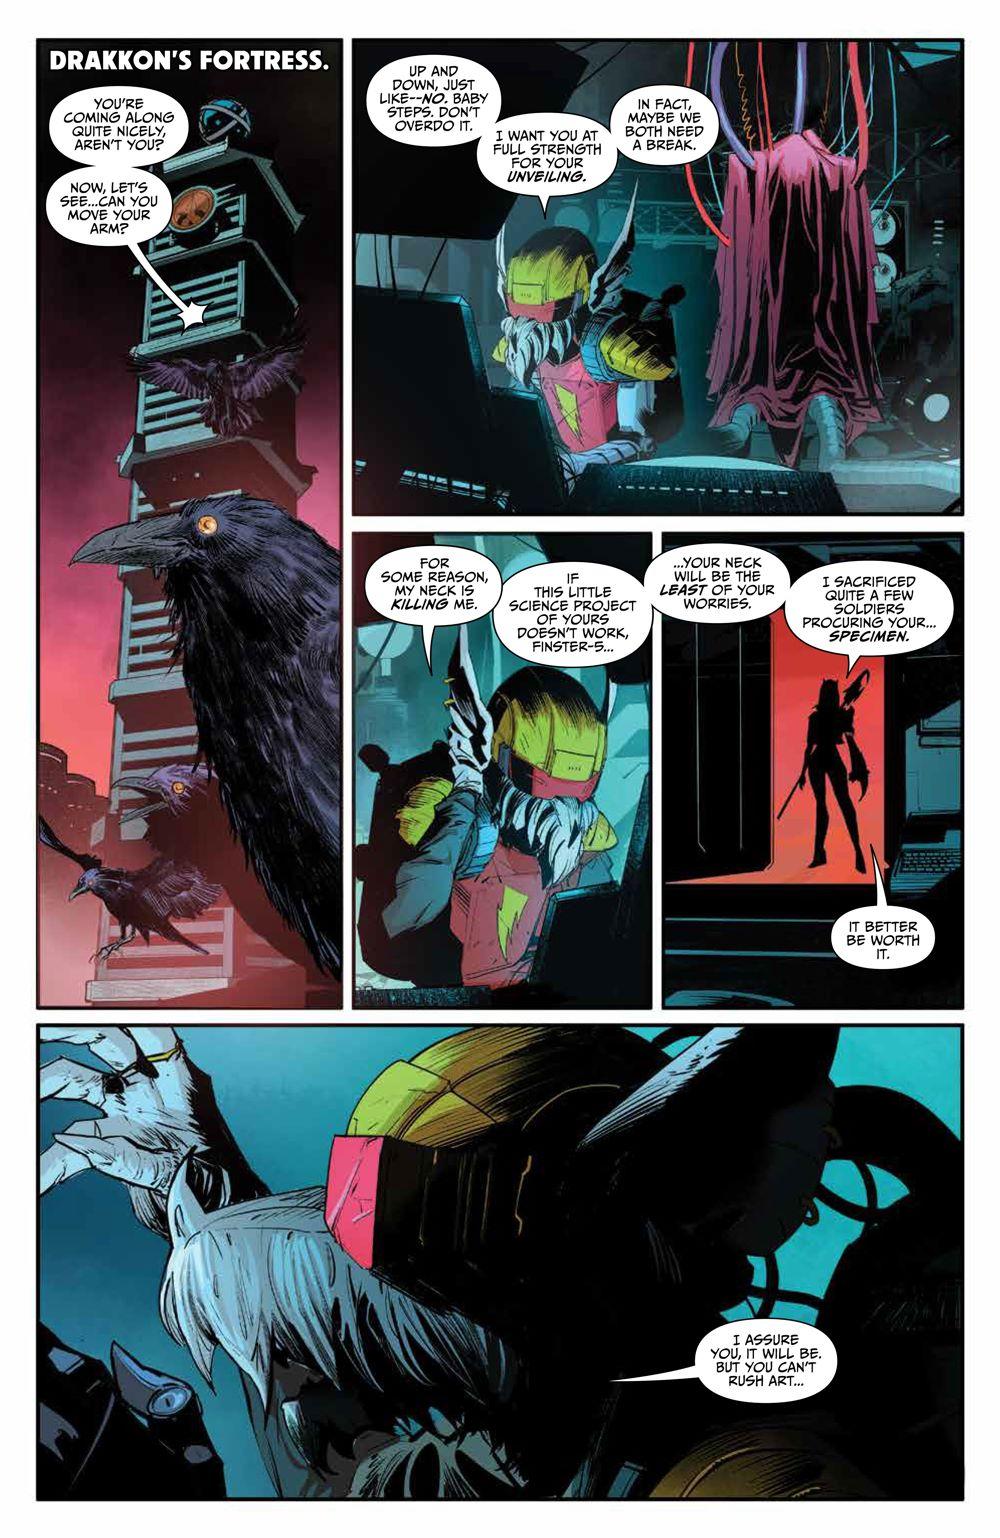 DrakkonNewDawn_SC_PRESS_13 ComicList Previews: POWER RANGERS DRAKKON NEW DAWN TP